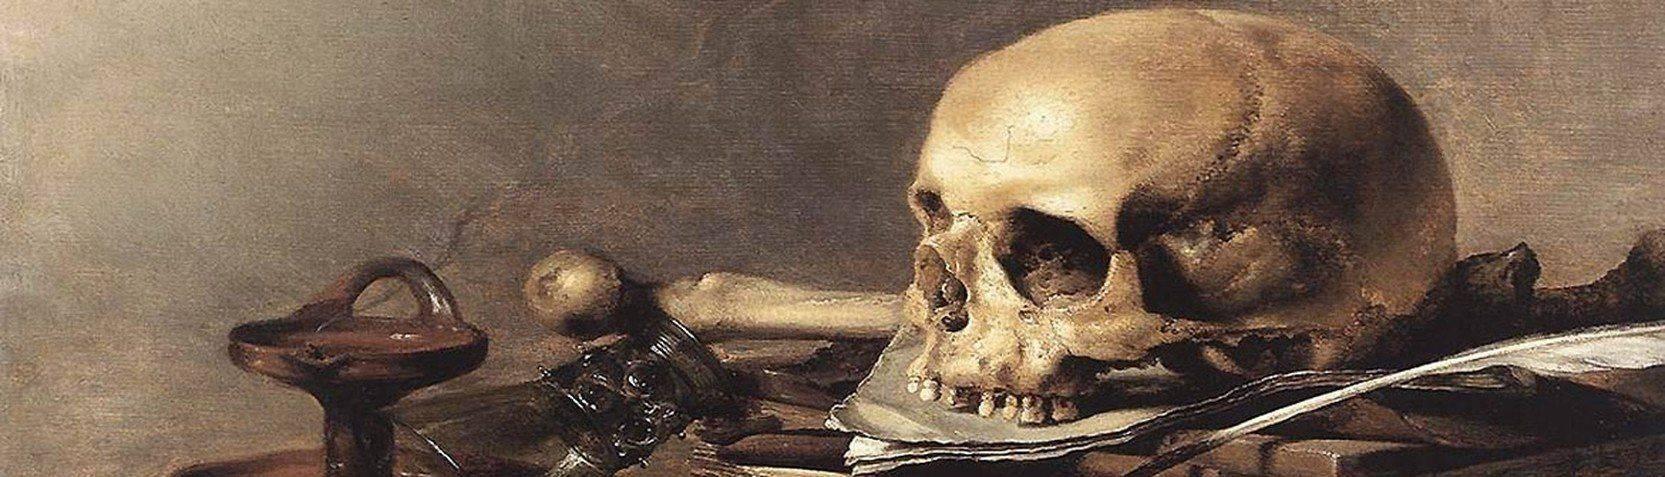 Colecciones - Muerte y tristeza